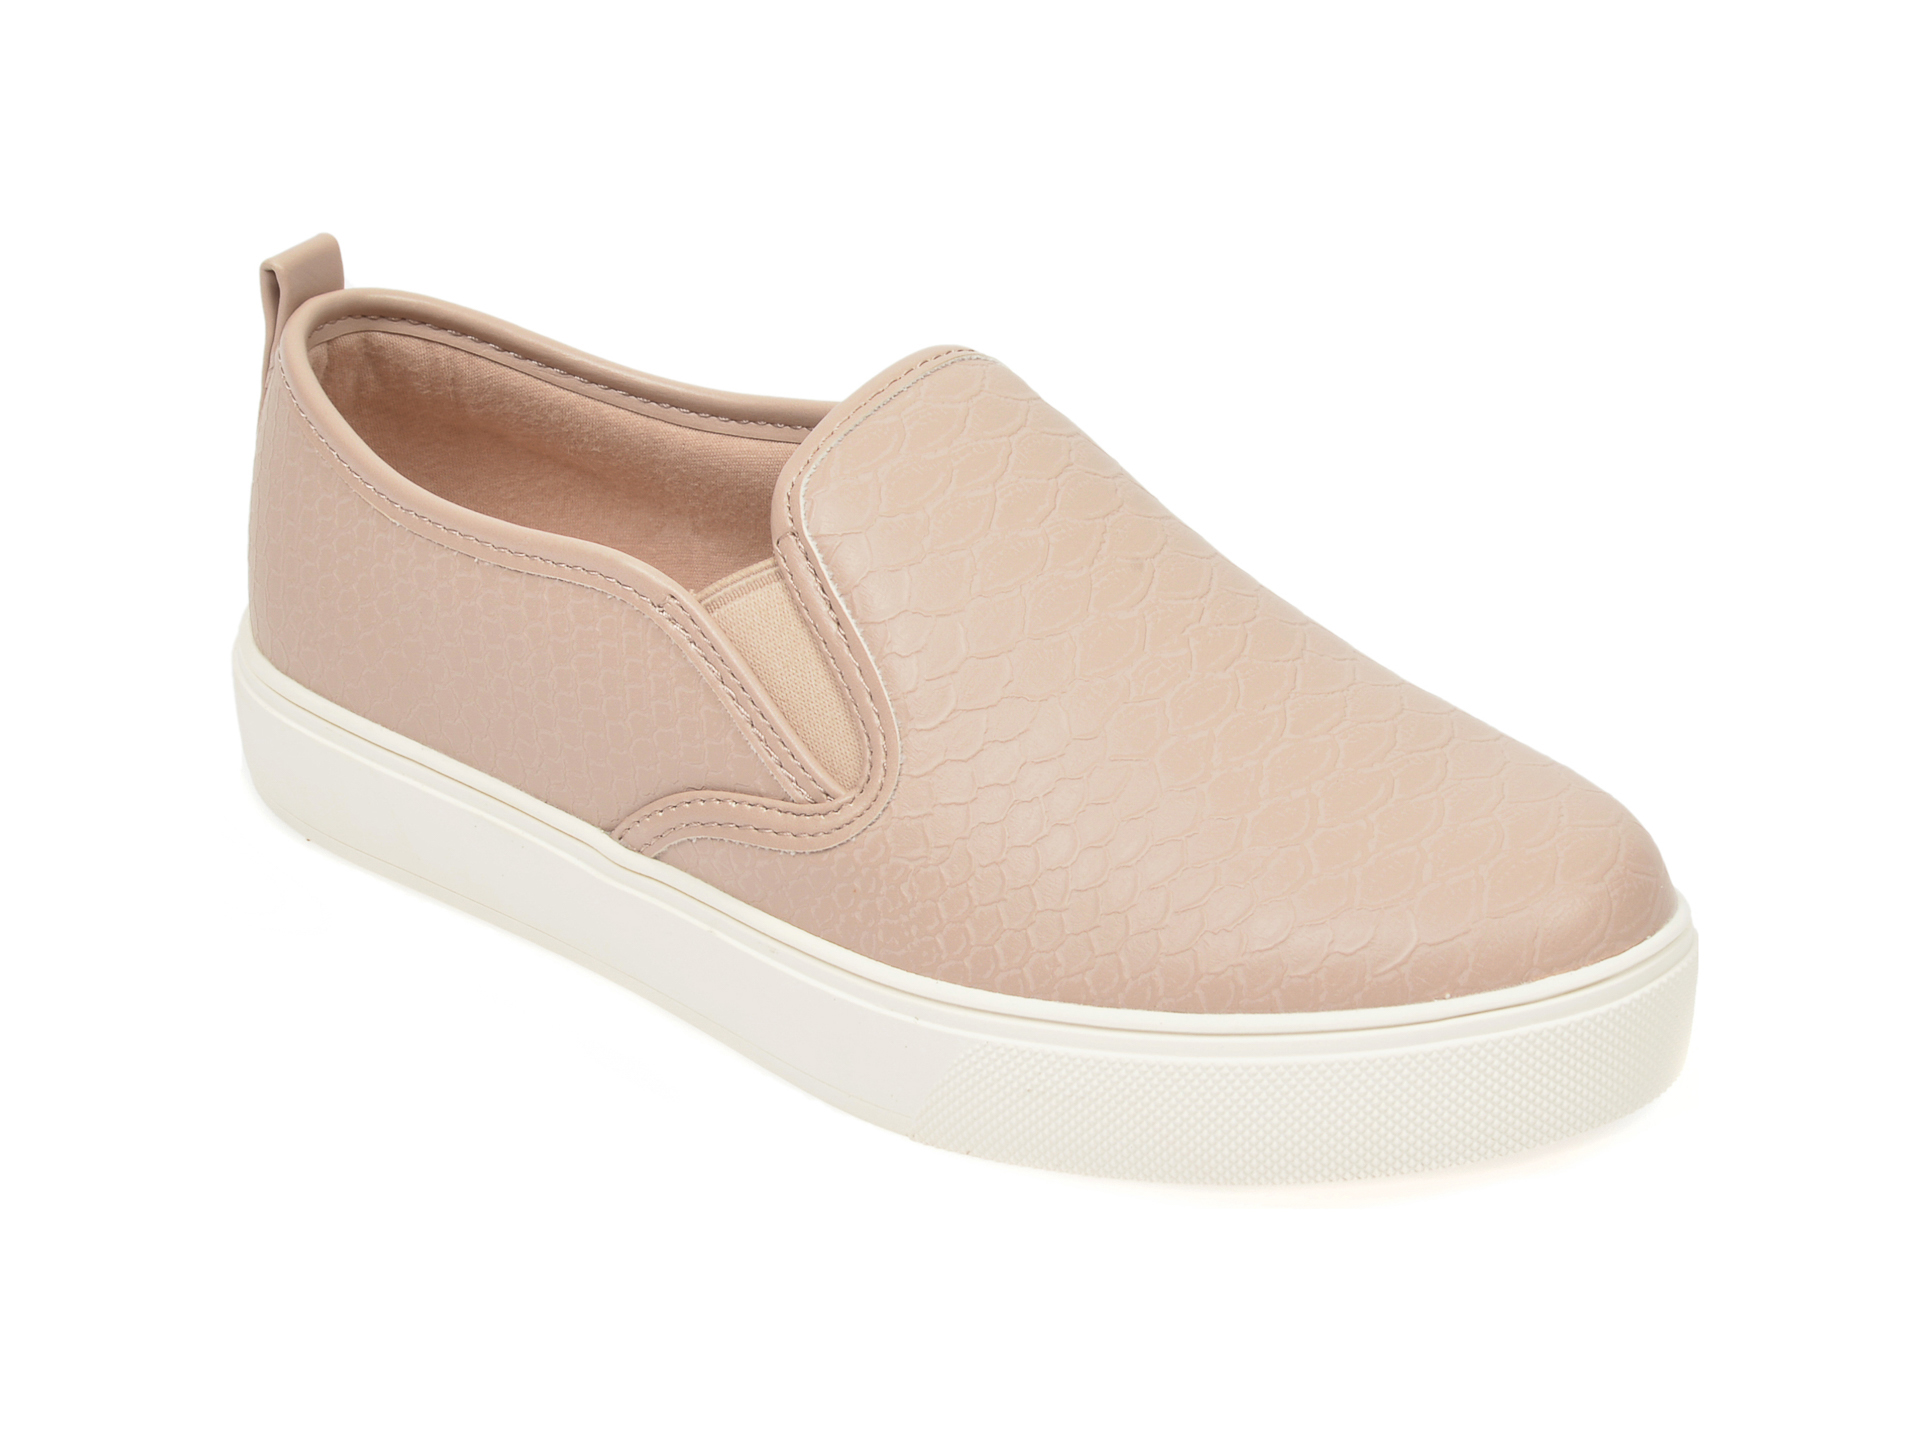 Pantofi ALDO nude, Jille270, din piele ecologica